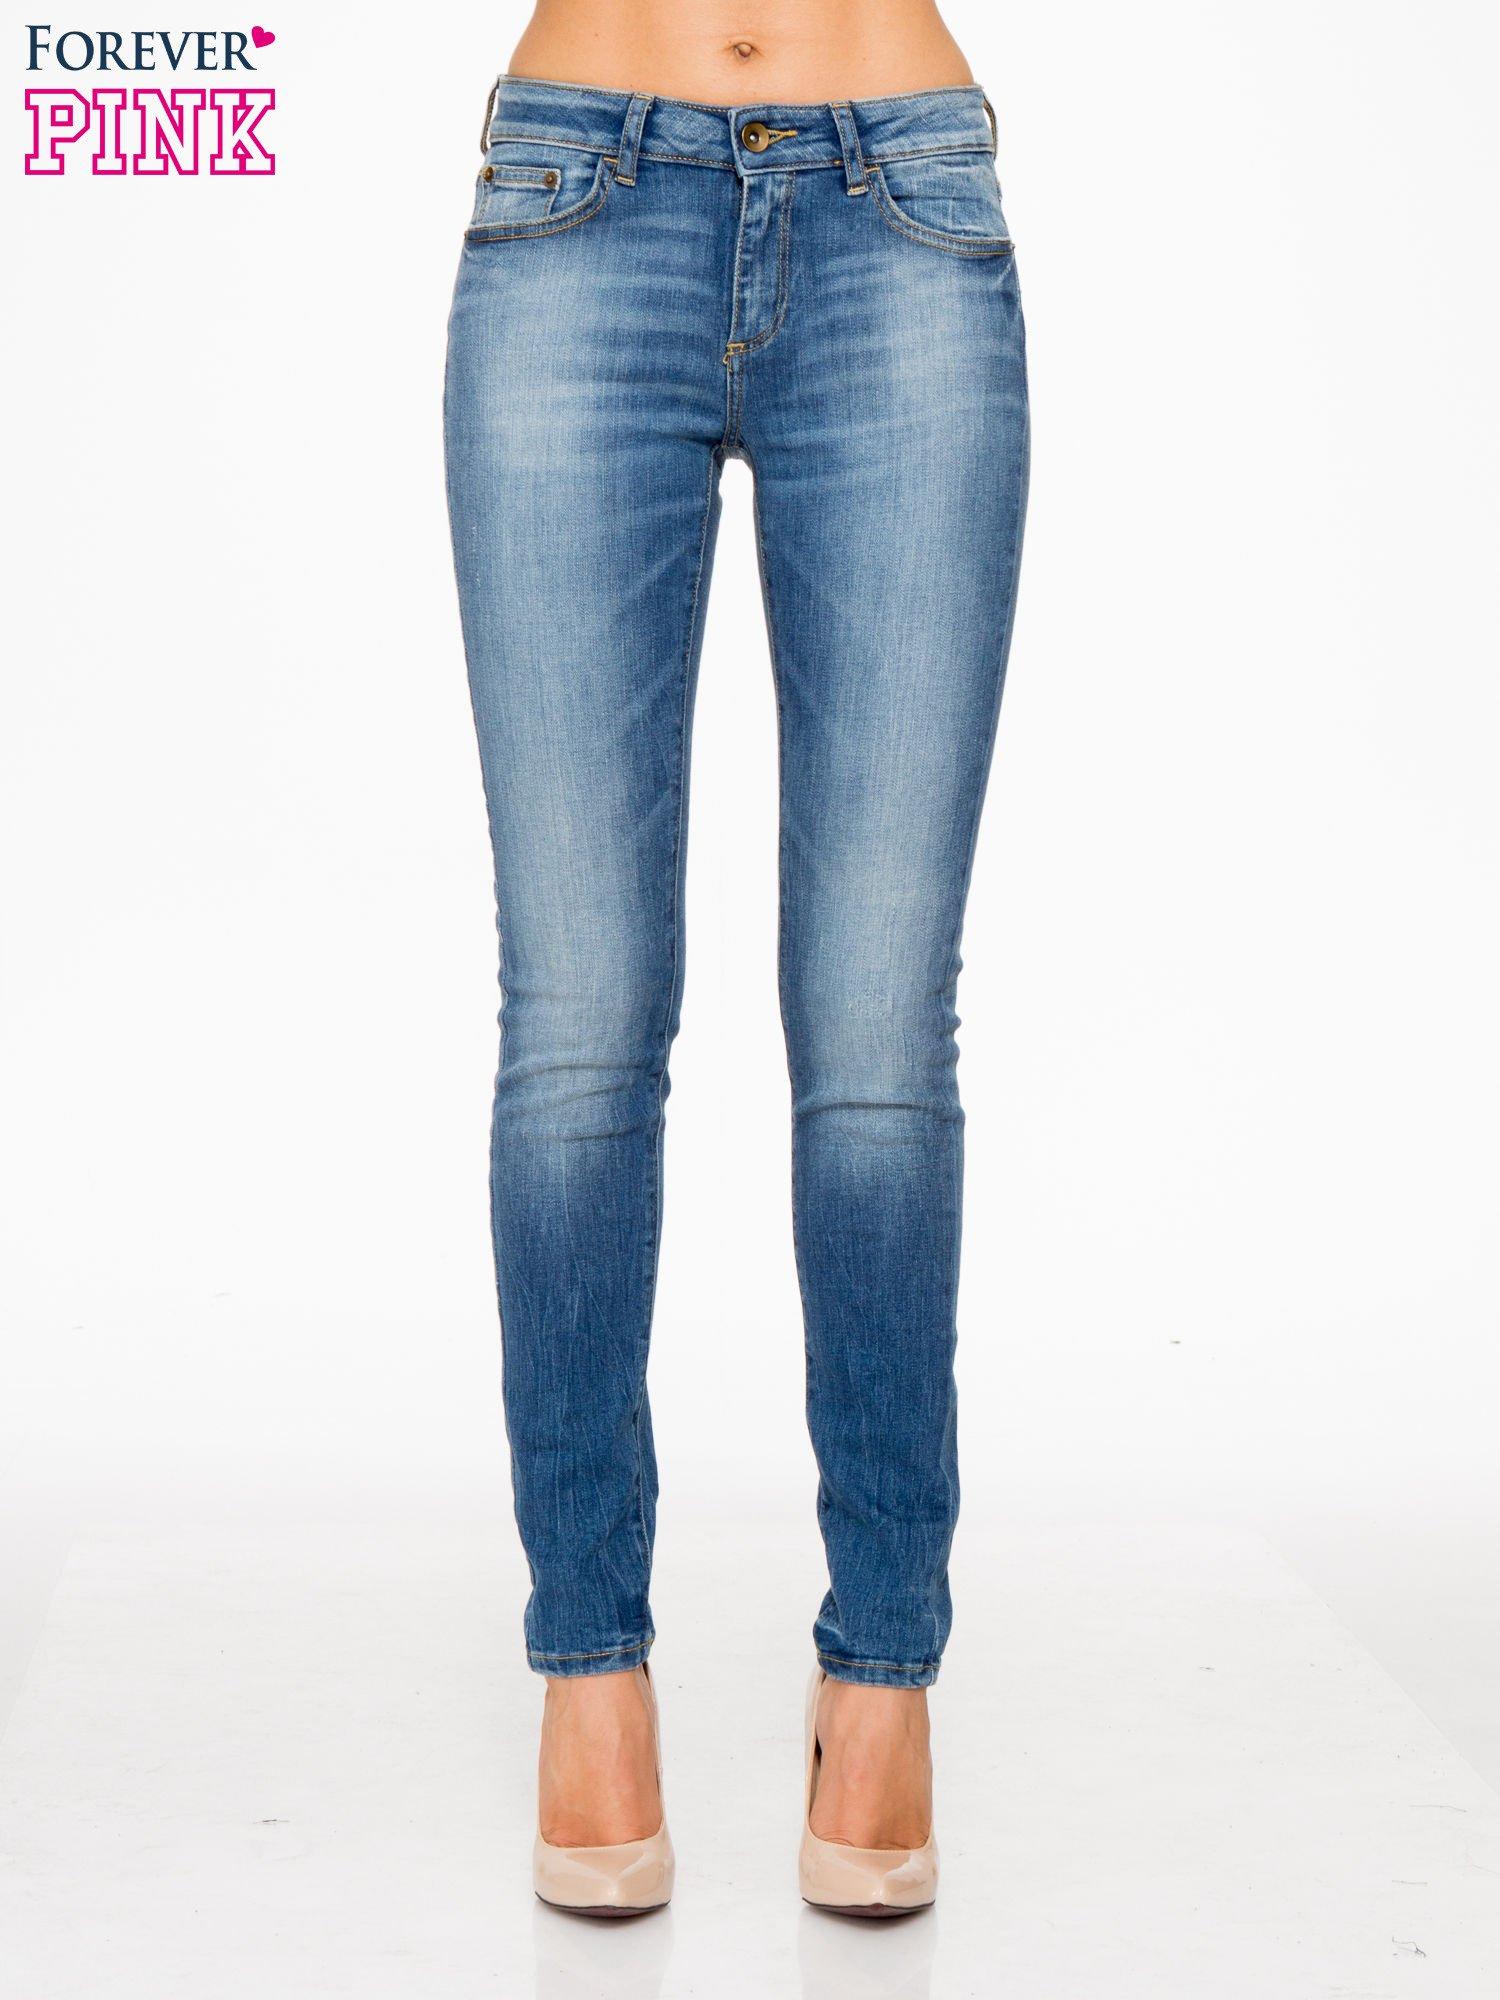 Jasnoniebieskie spodnie jeansowe rurki z przeszyciami na kieszeniach                                  zdj.                                  1